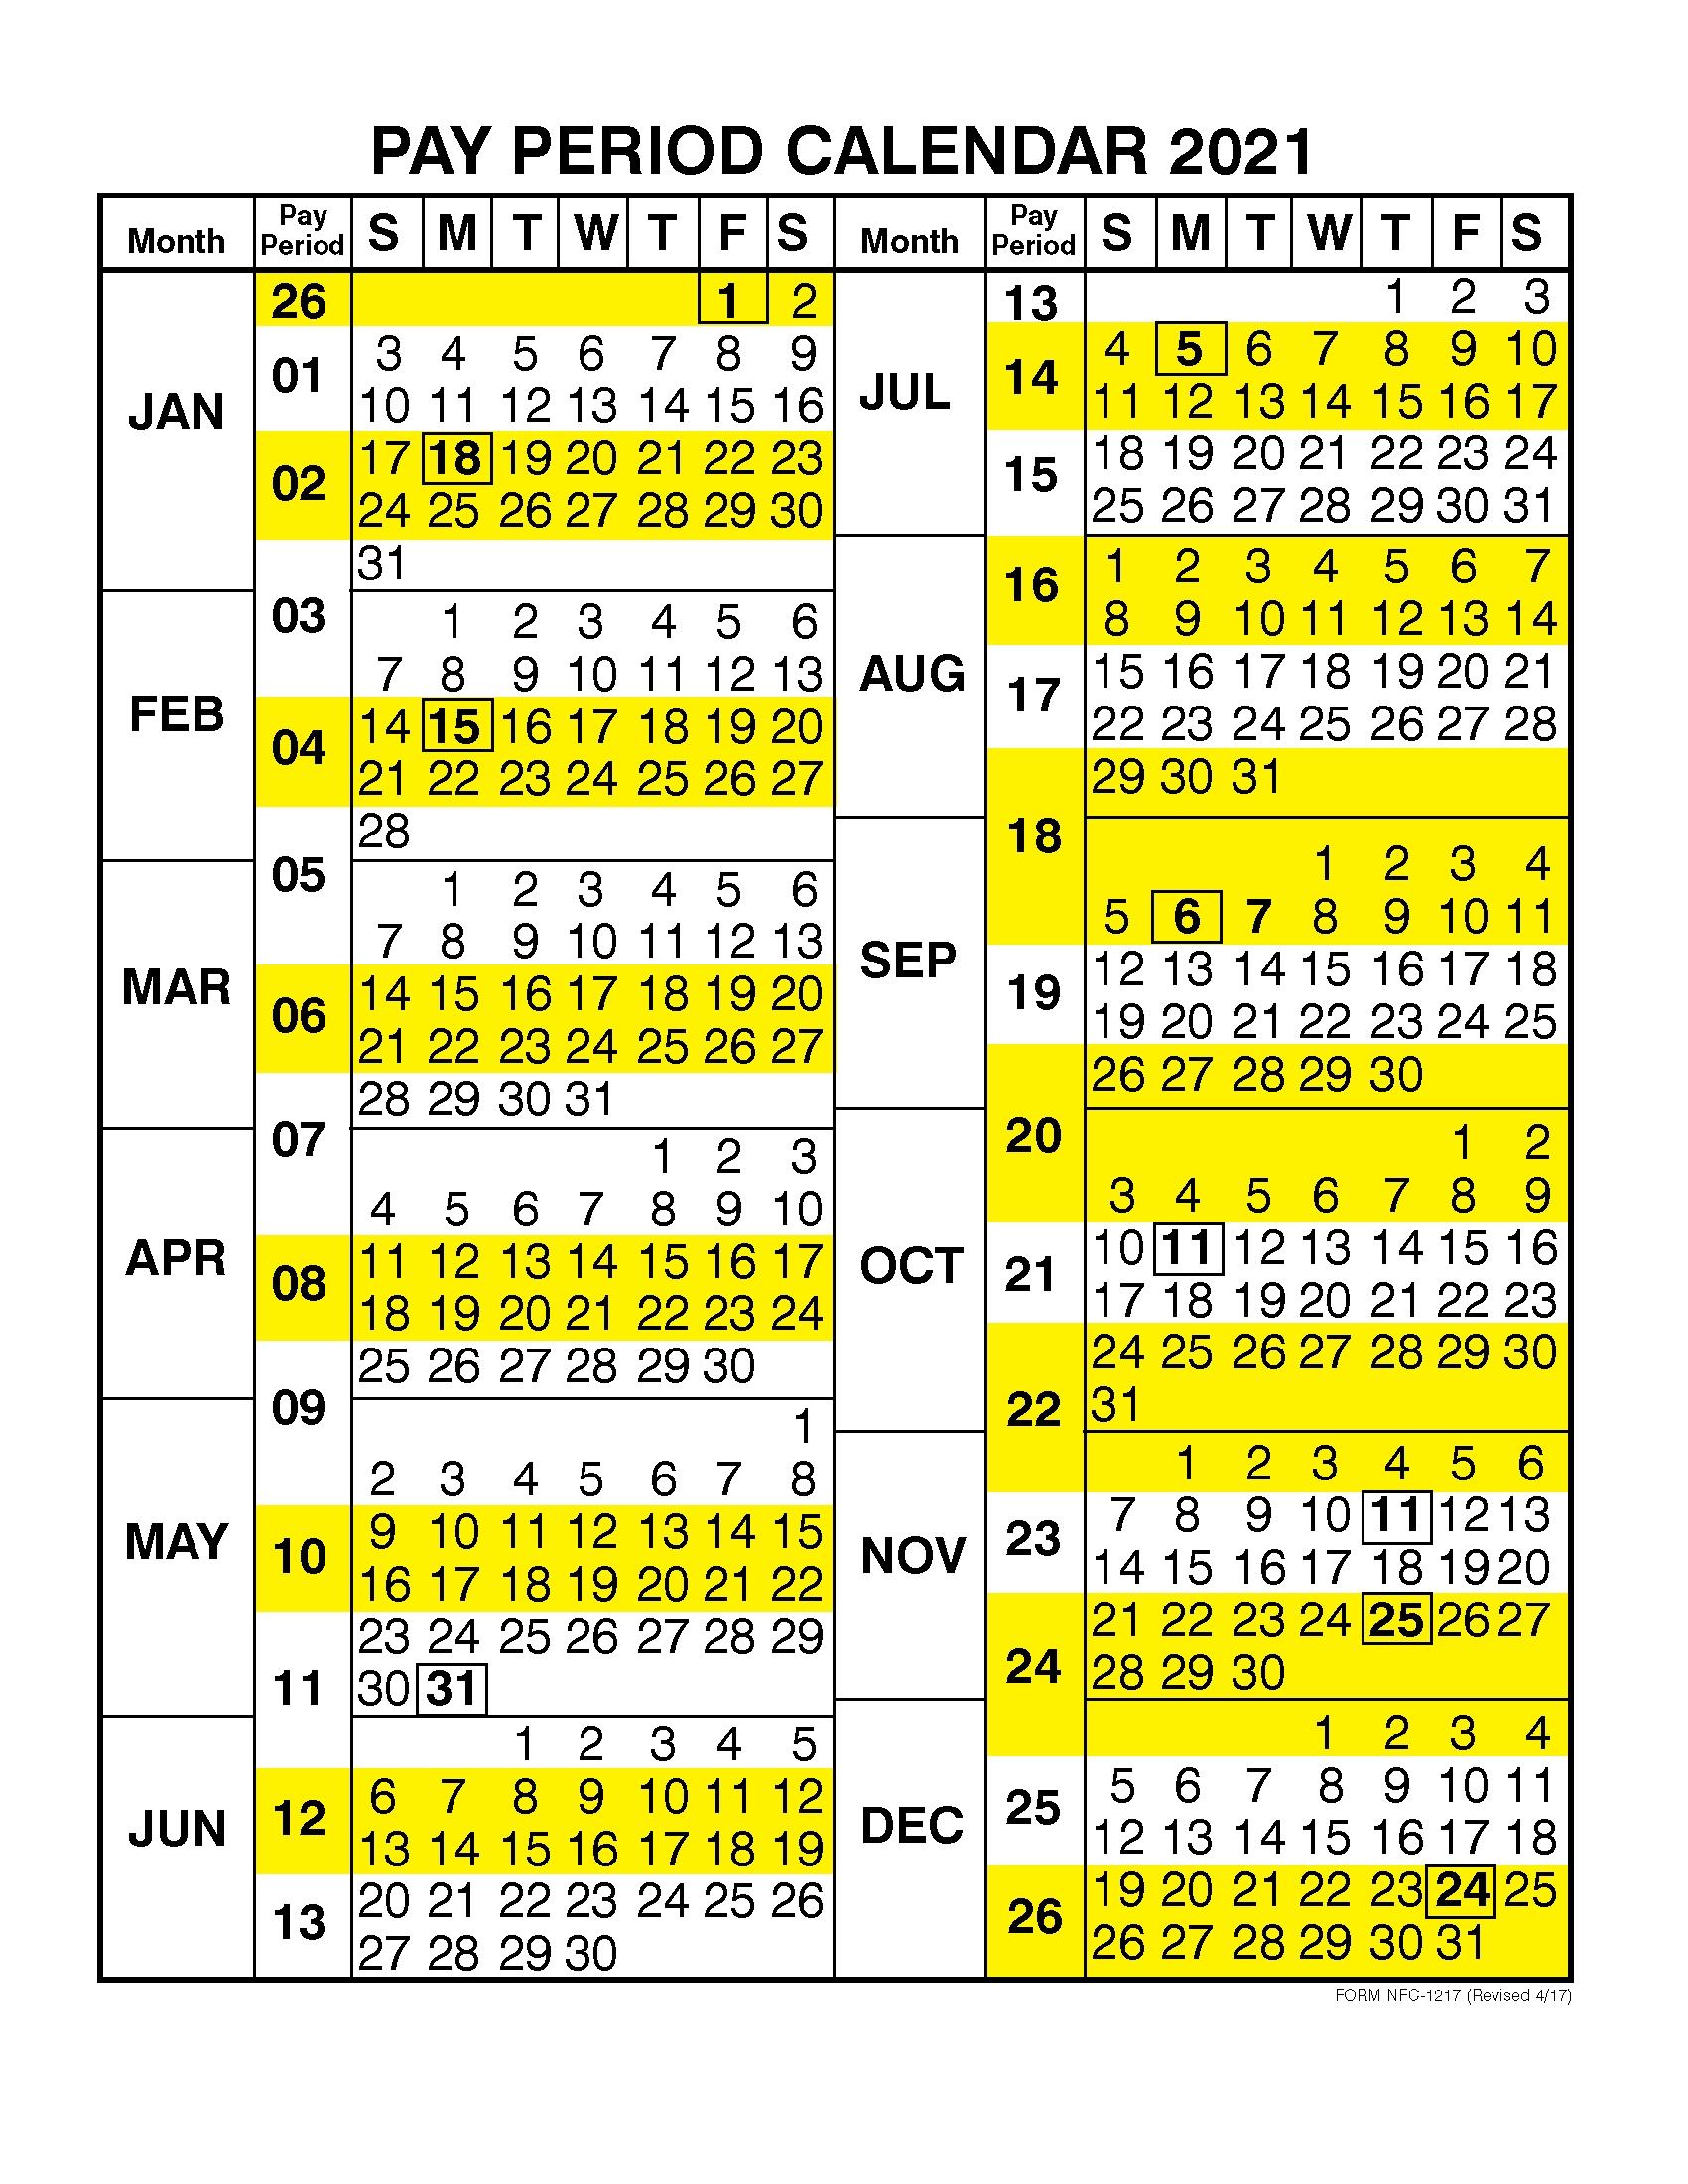 Opm Federal Pay Period Payroll Calendar 2020 - Template Calendar Design